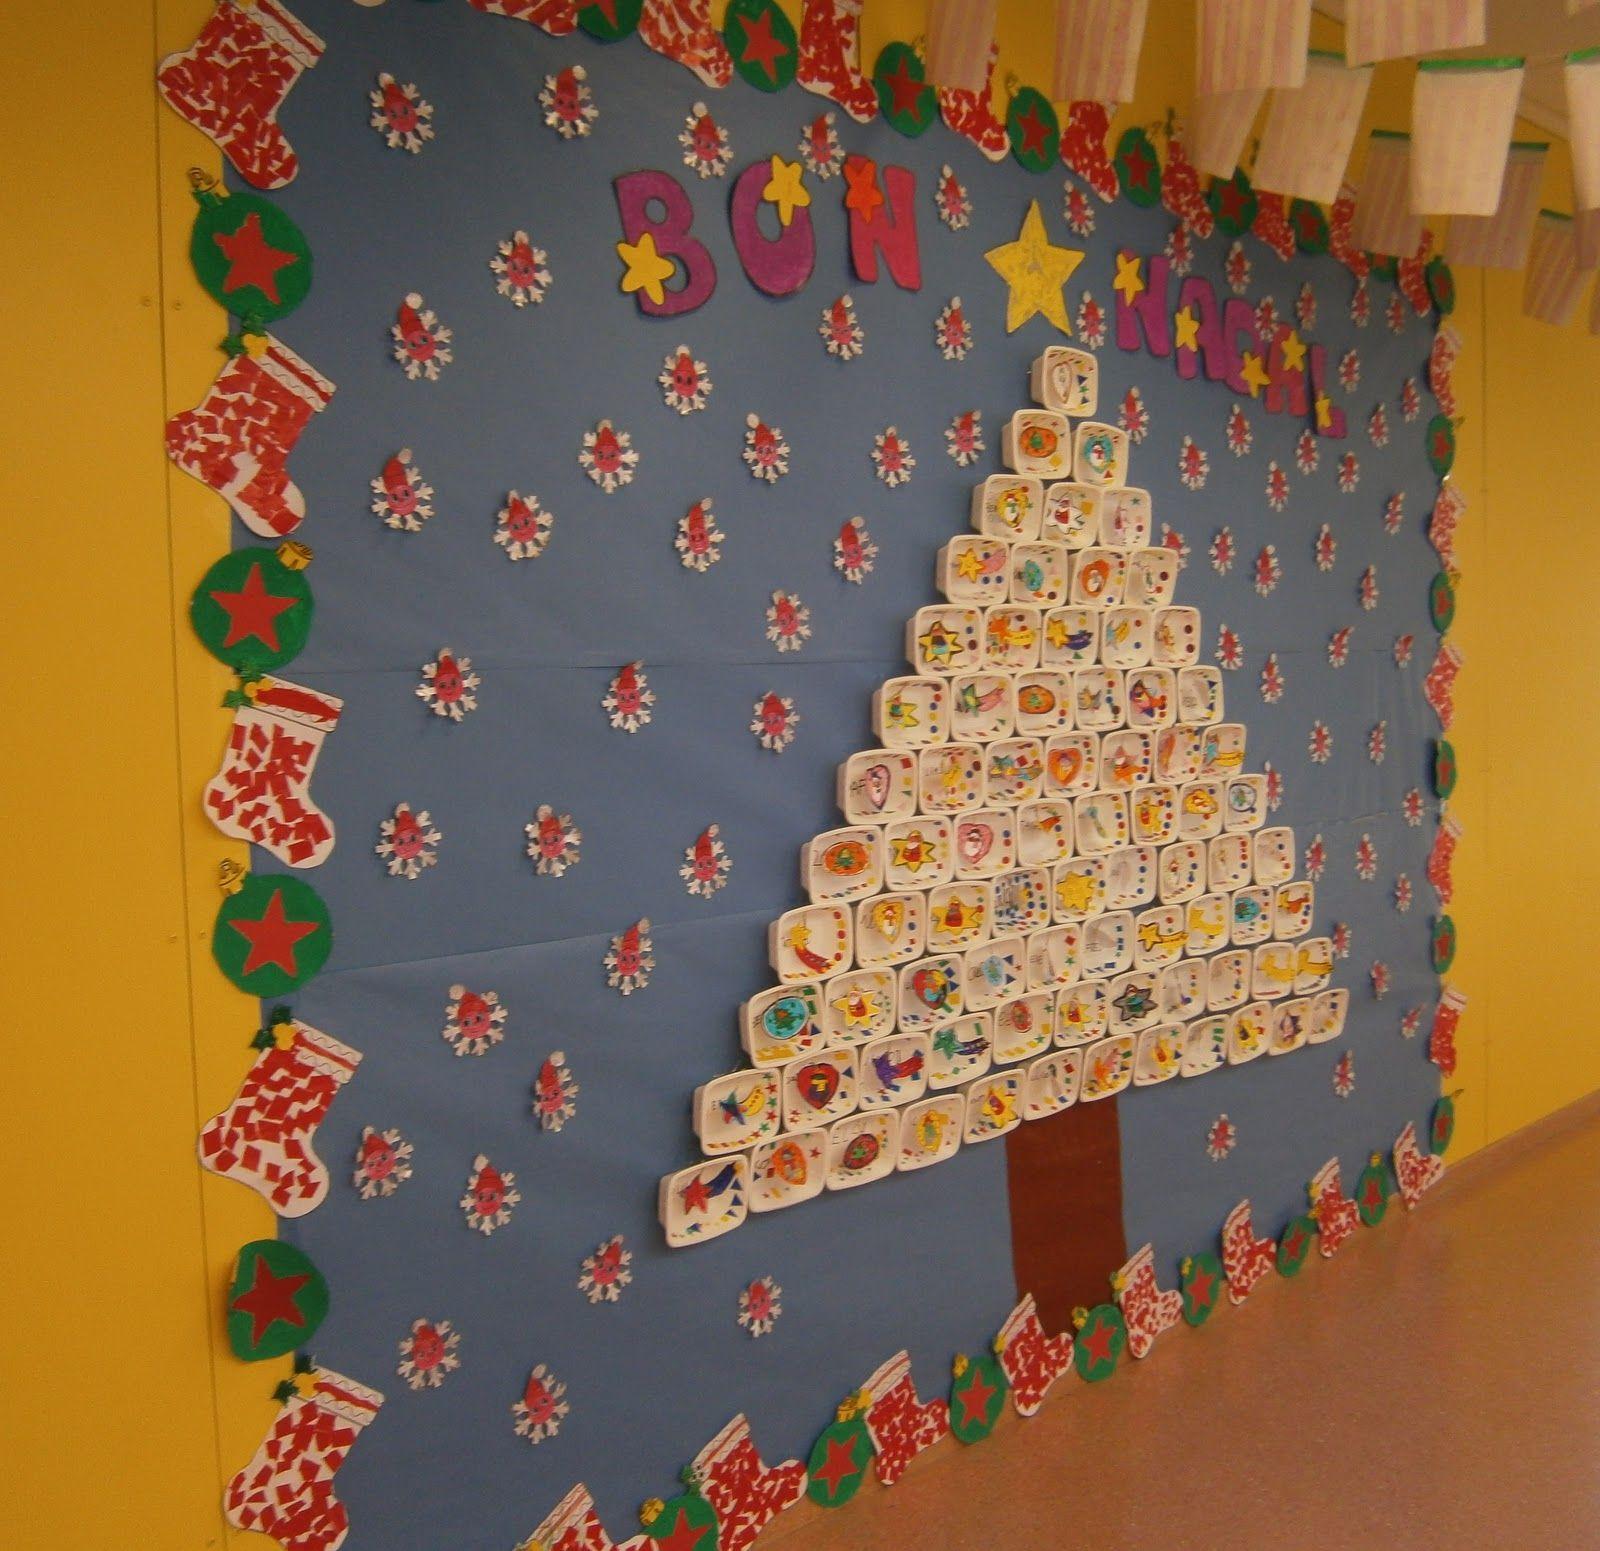 Mural de nadal fet amb safates de porexpan decorades - Murales decorativos de navidad ...